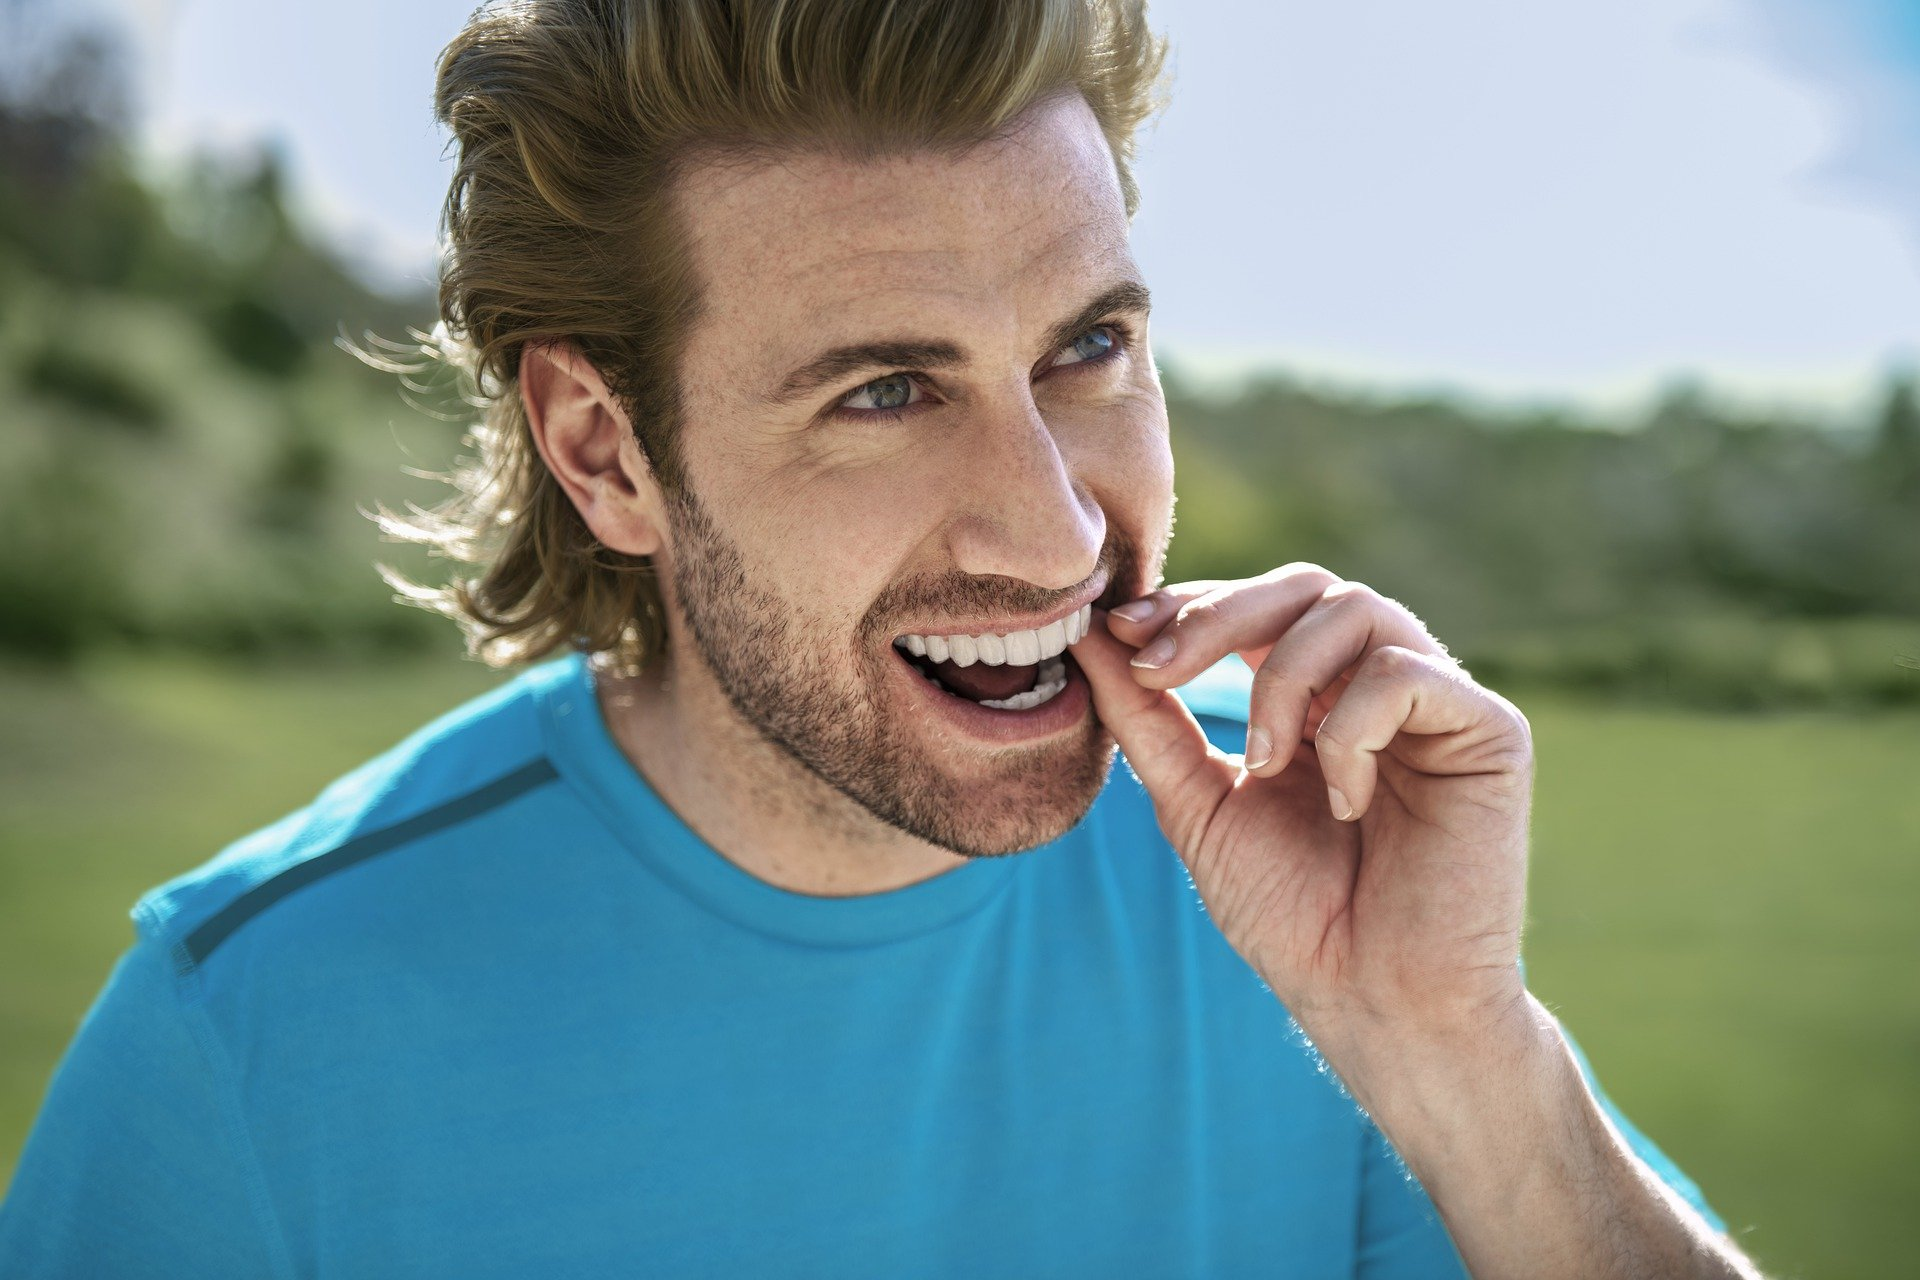 Pourquoi opter pour l'orthodontie par aligneurs ?